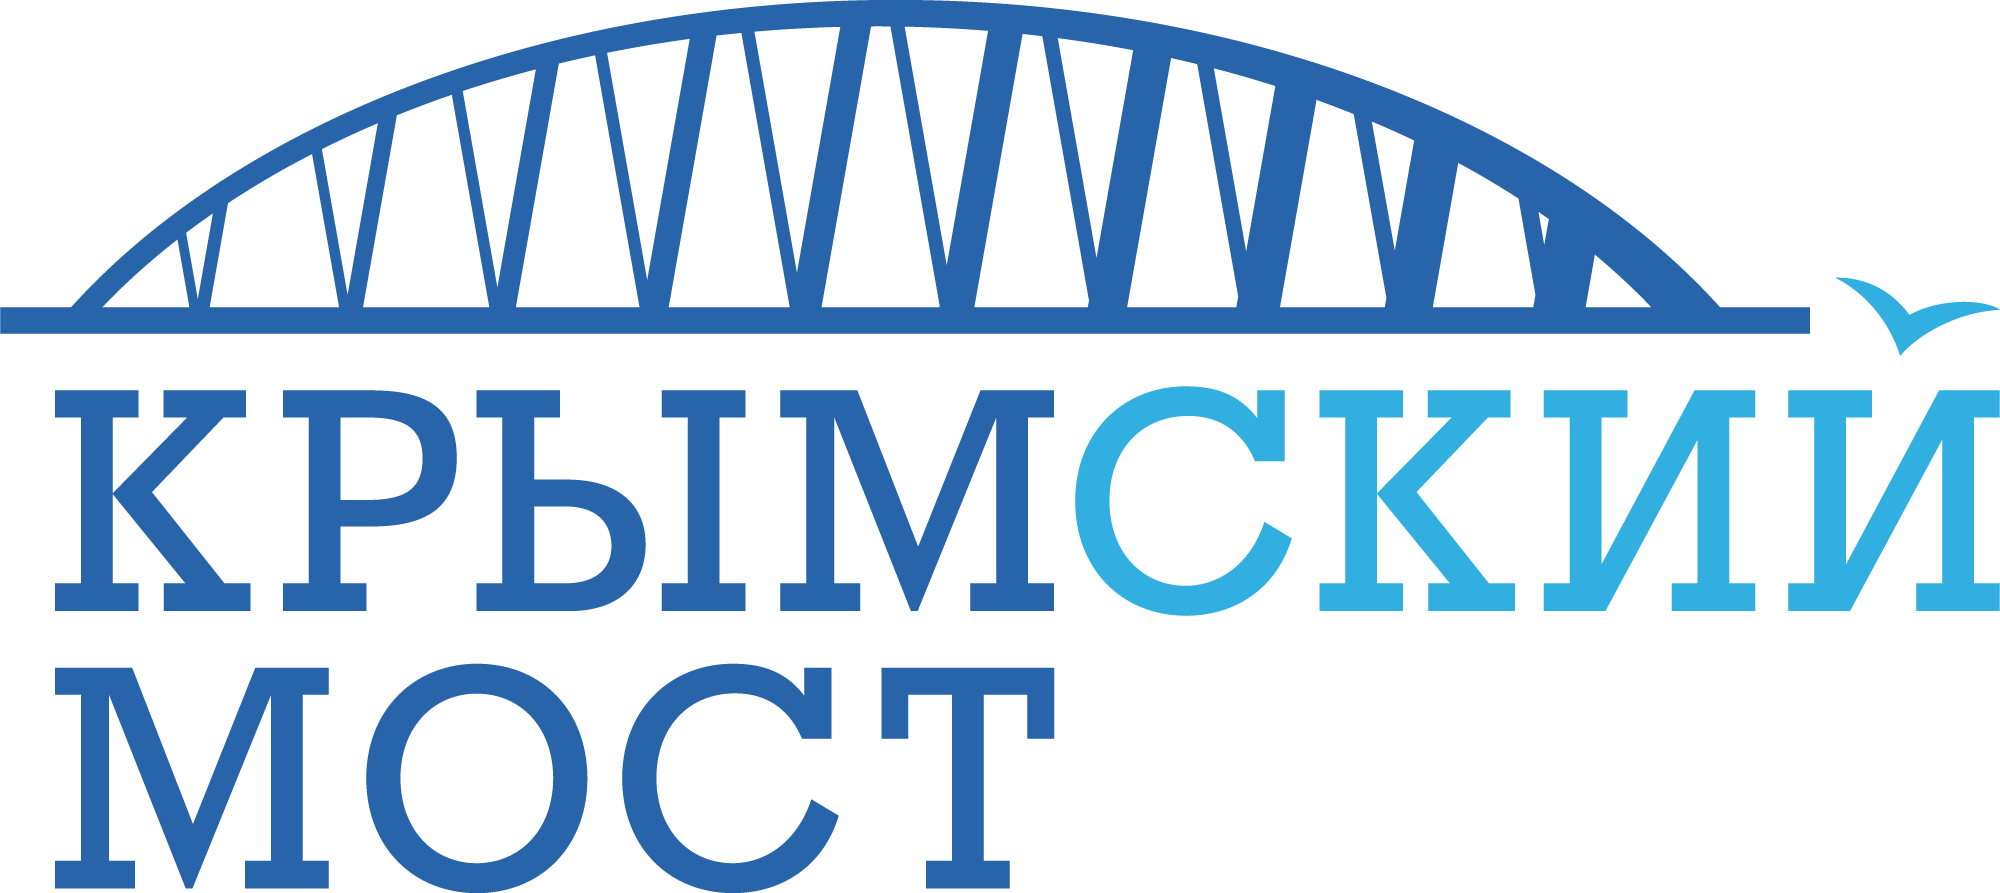 Векторный знак (логотип) Крымского моста через Керченский пролив